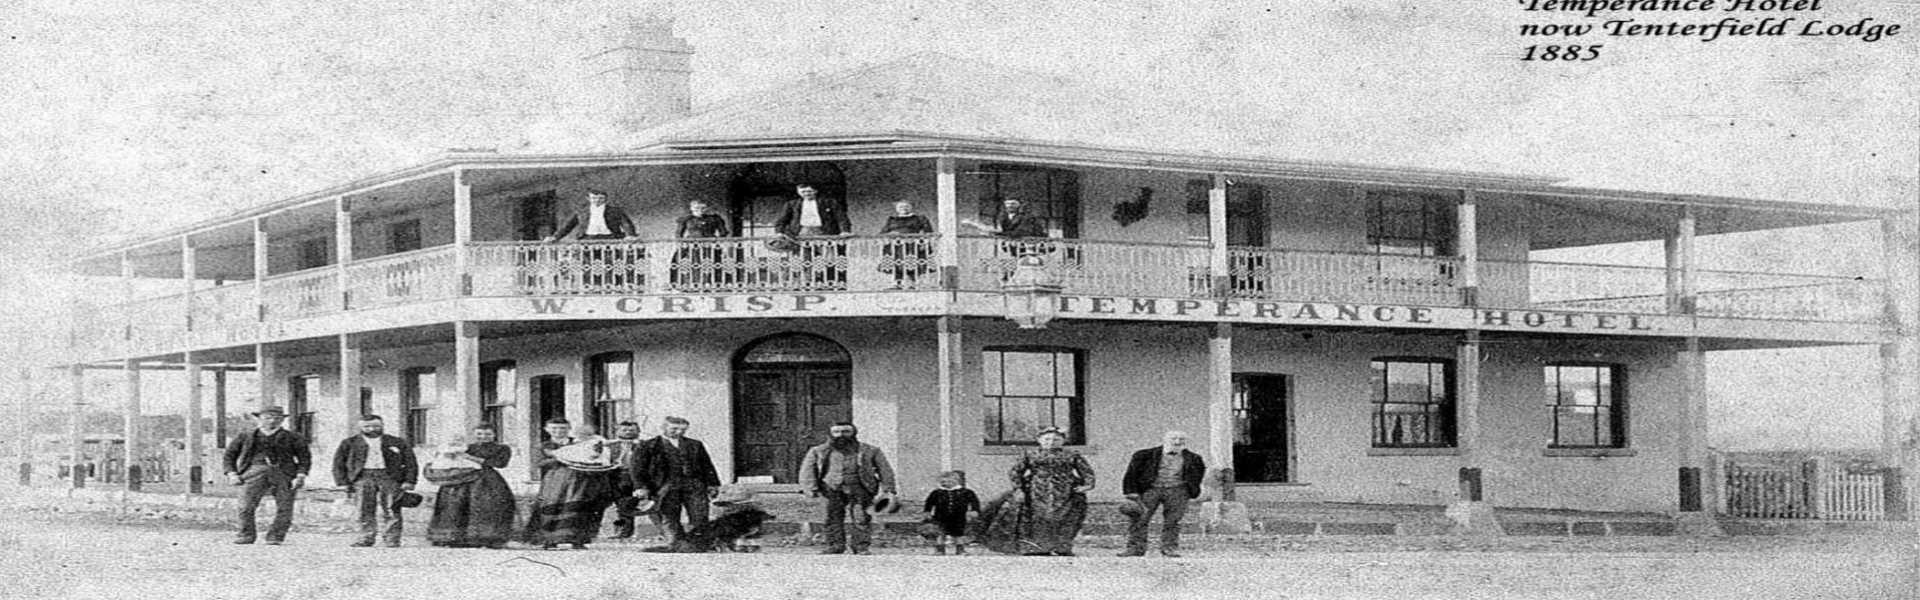 Kui Parks, Tenterfield Lodge Caravan Park, Lodge in 1885